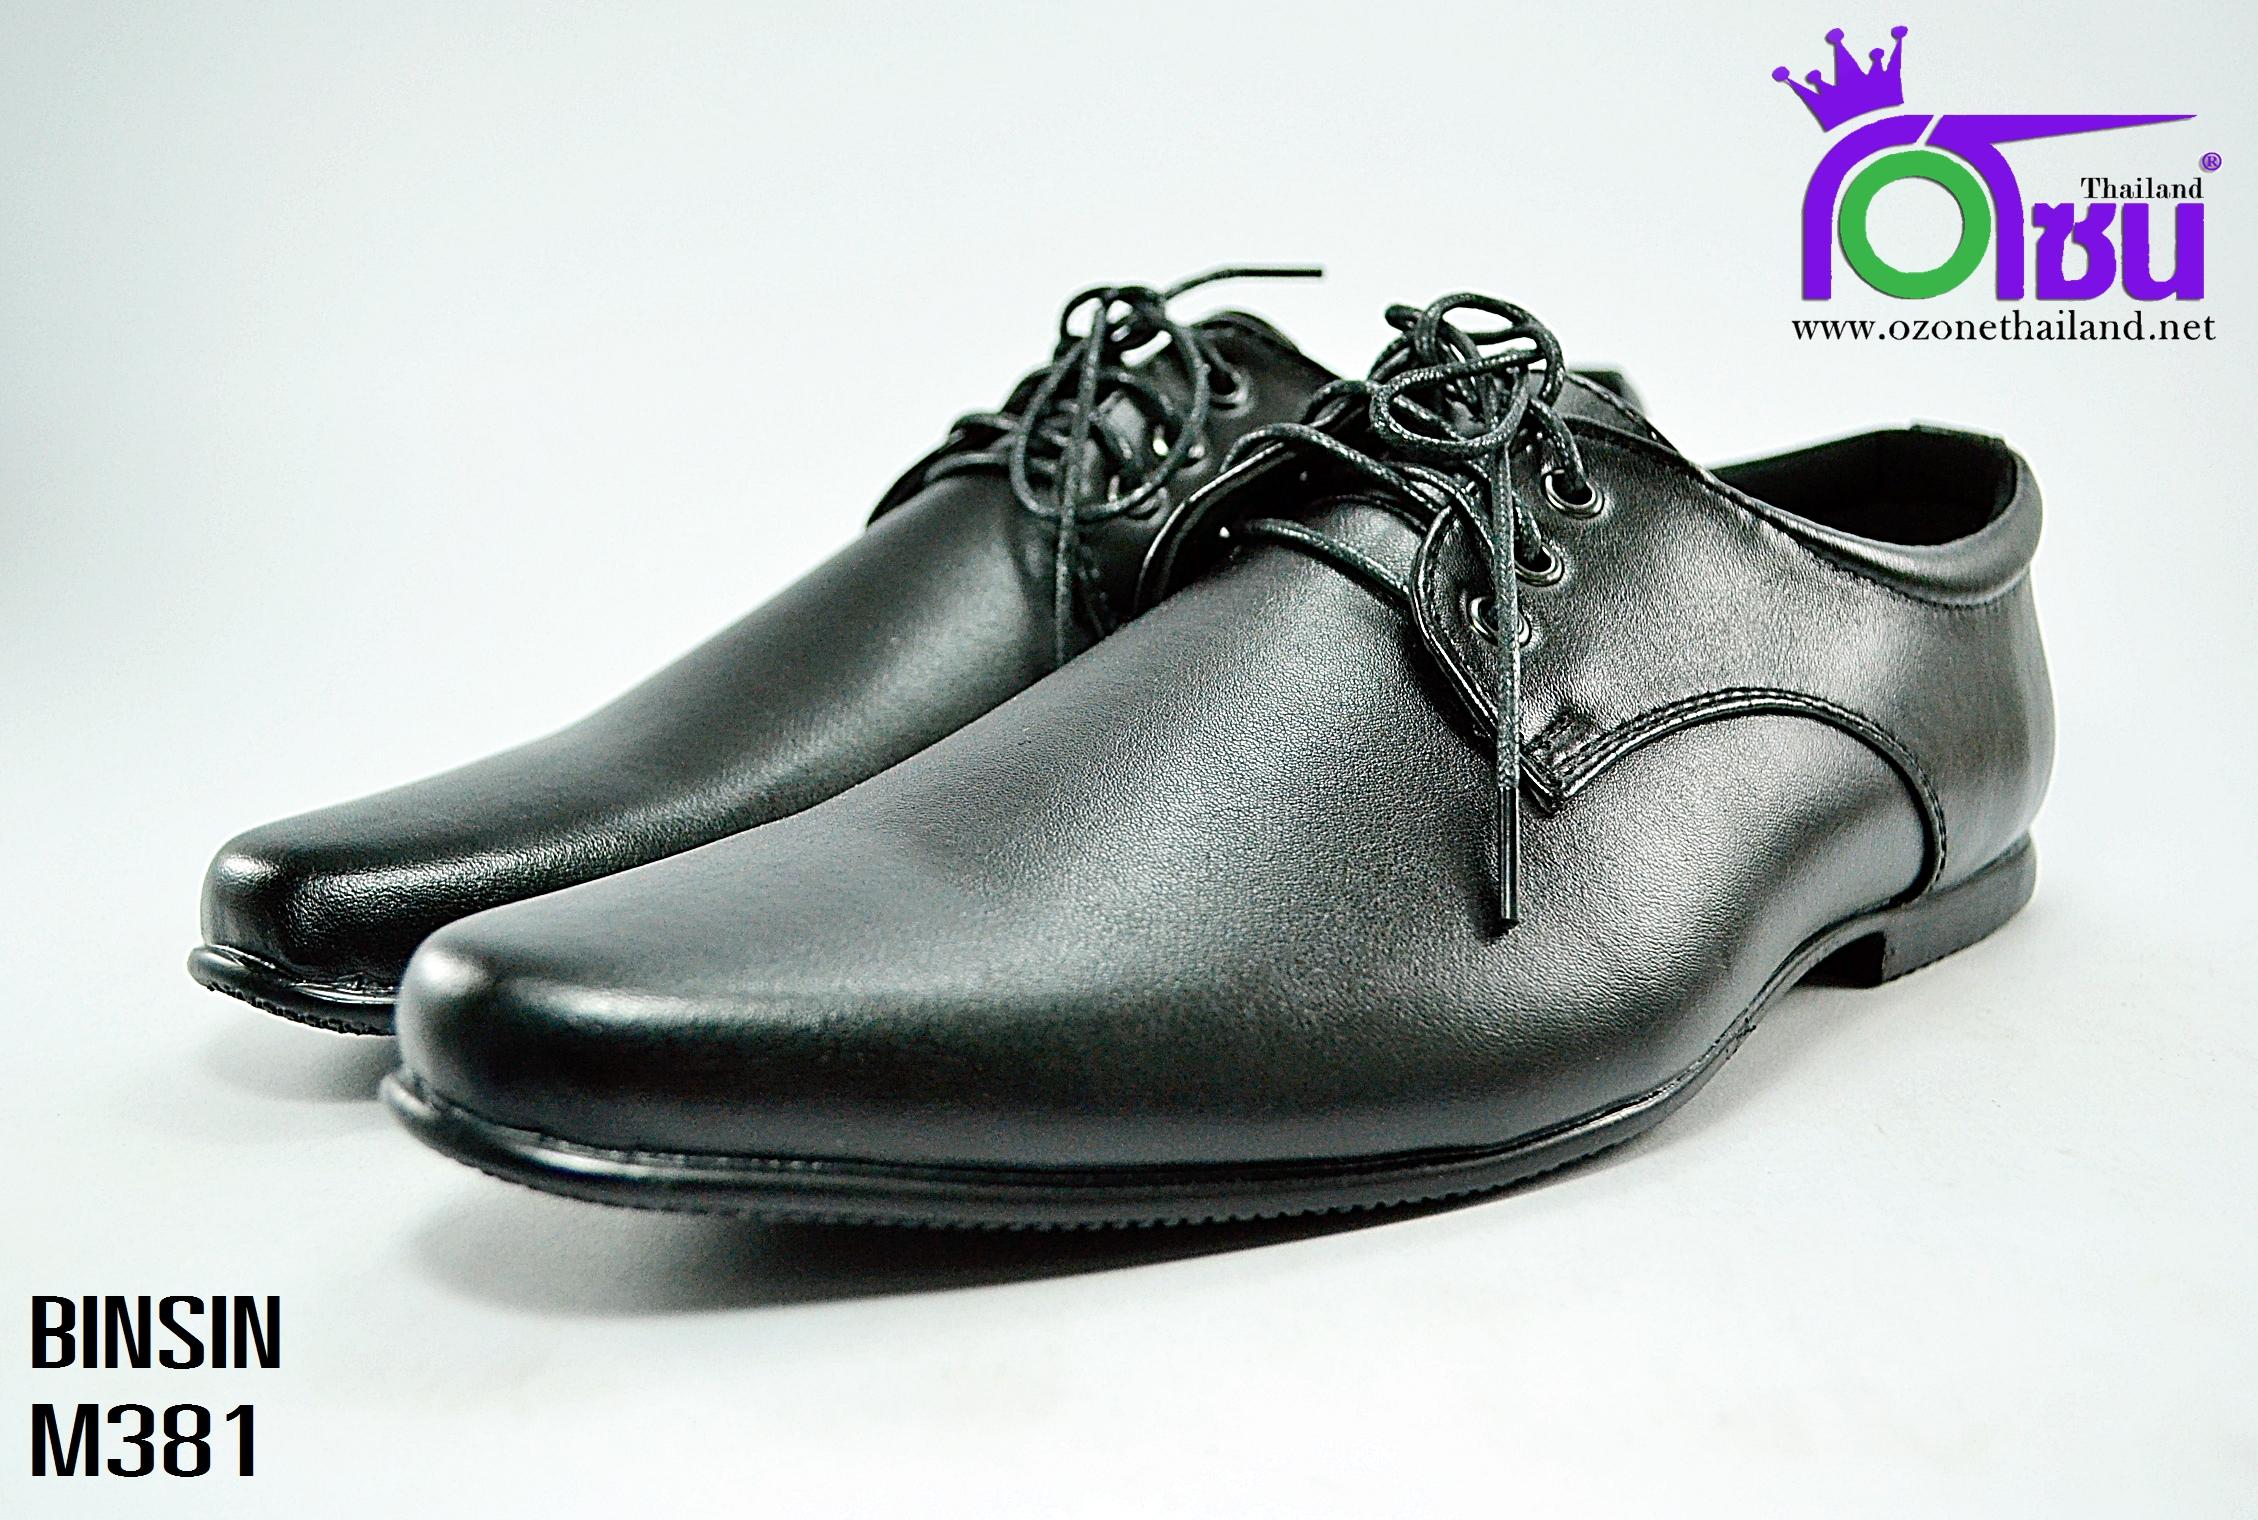 รองเท้าคัทชูชาย ดำ บินชิน BINSIN รุ่น M381 สีดำ เบอร์ 41-45